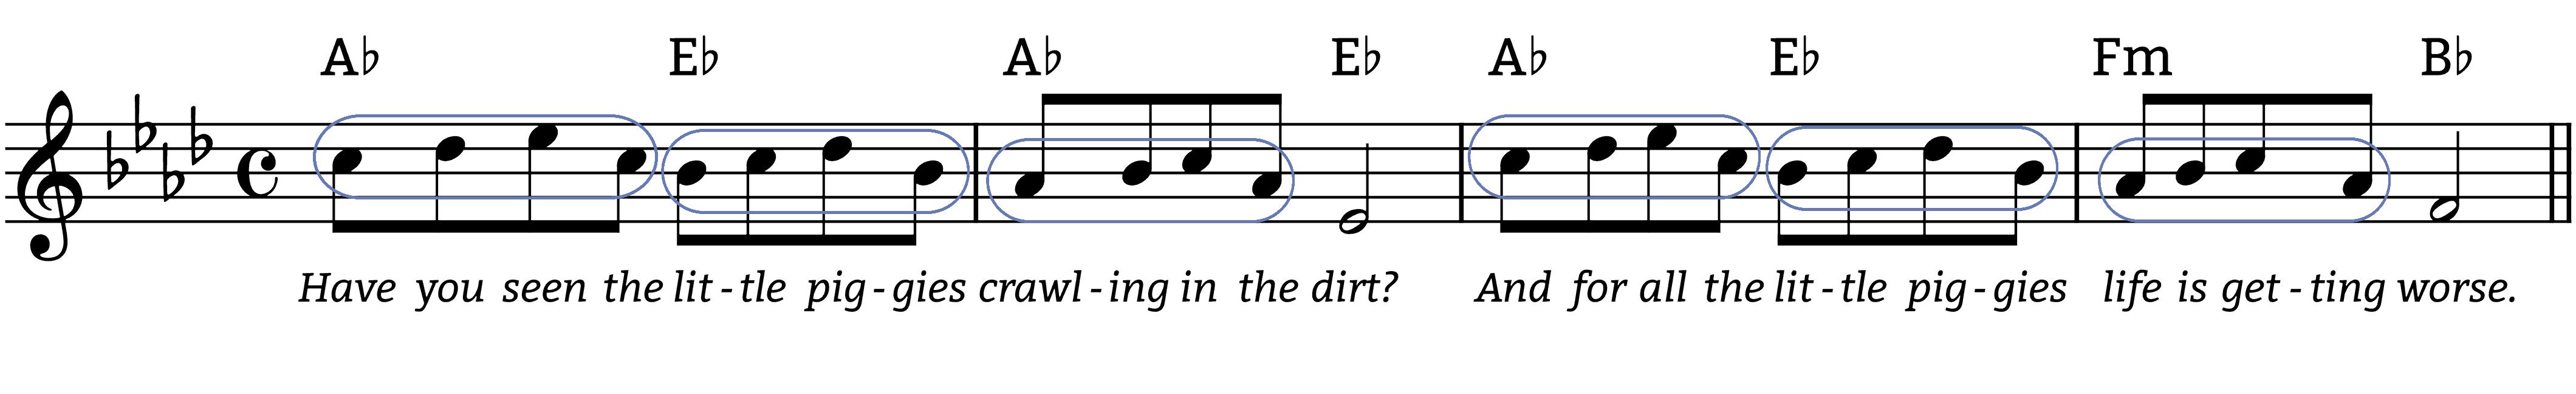 piggies melodic figures